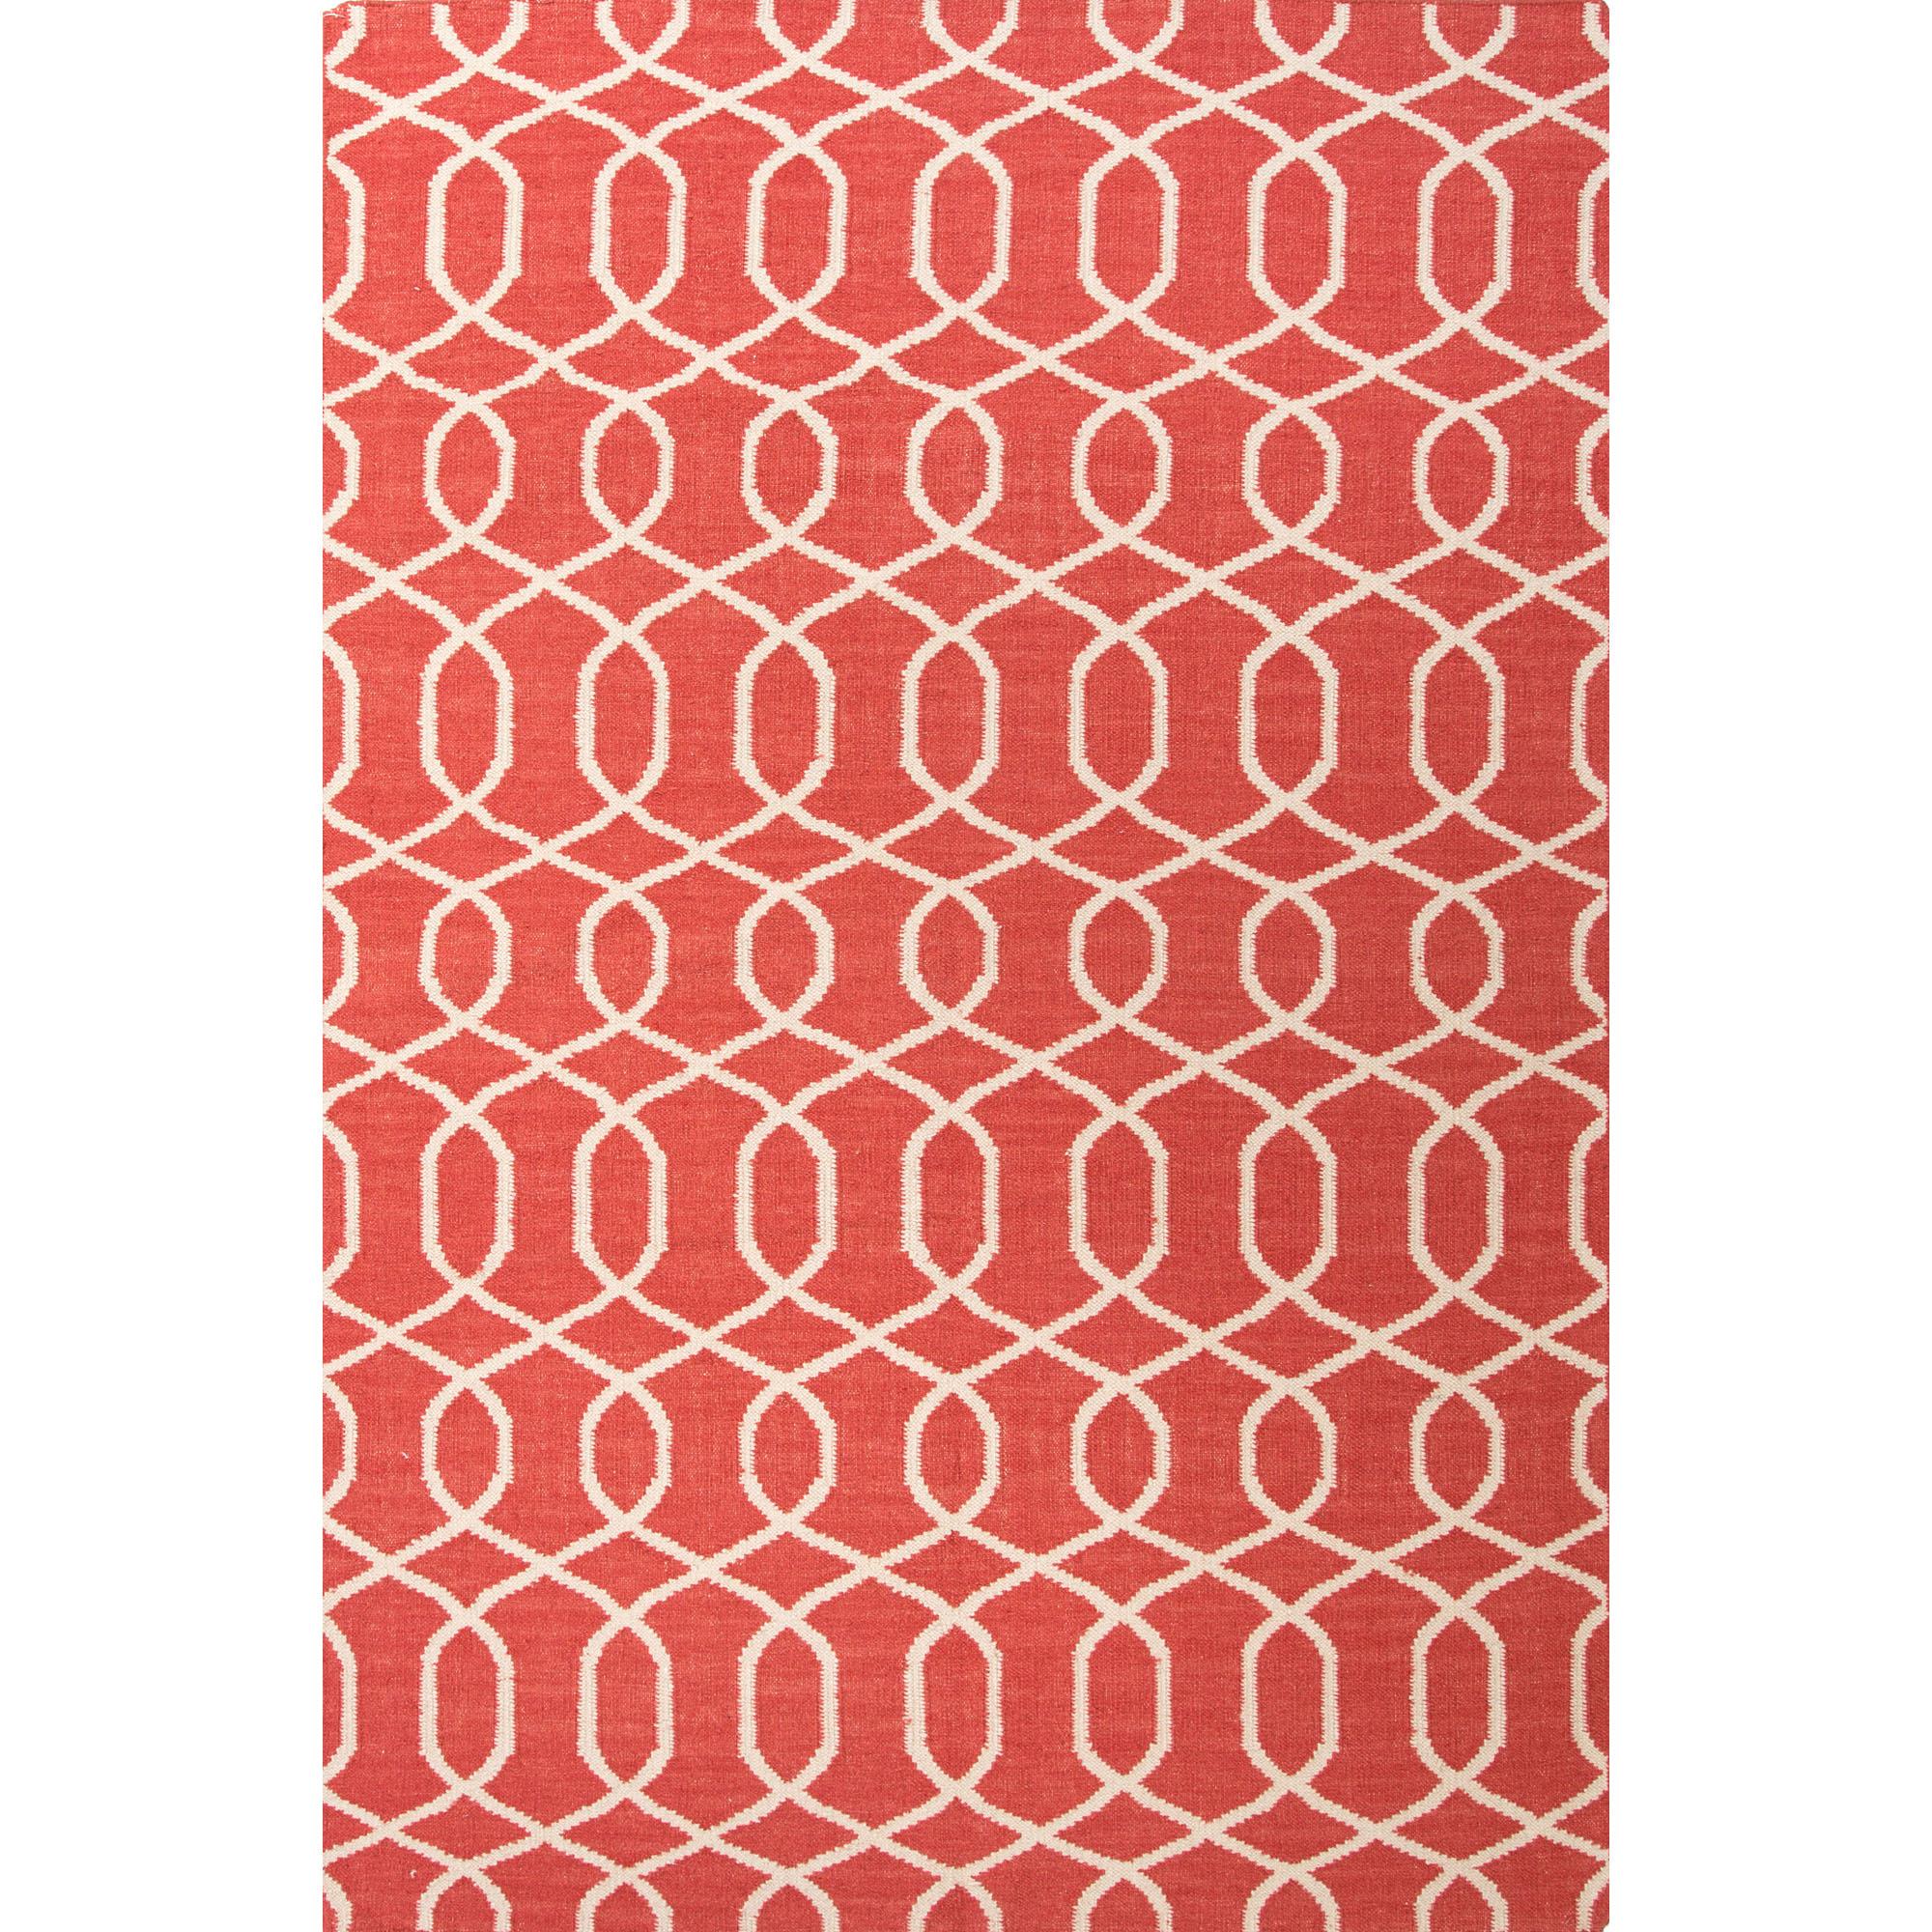 JAIPUR Rugs Urban Bungalow 5 x 8 Rug - Item Number: RUG111227